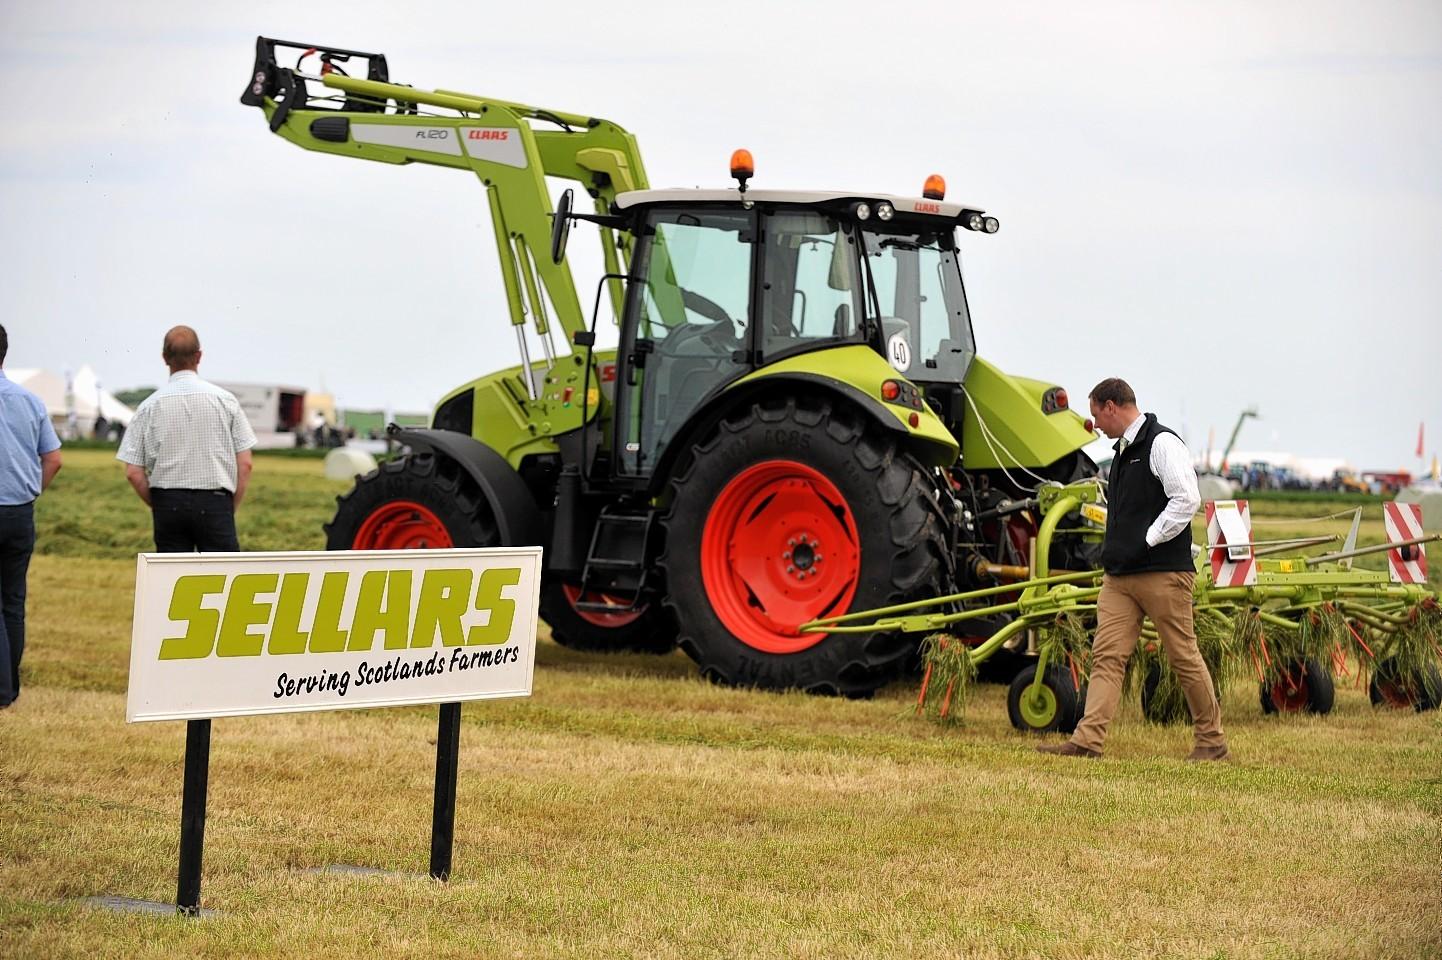 Sellars is the main Claas dealer in Scotland